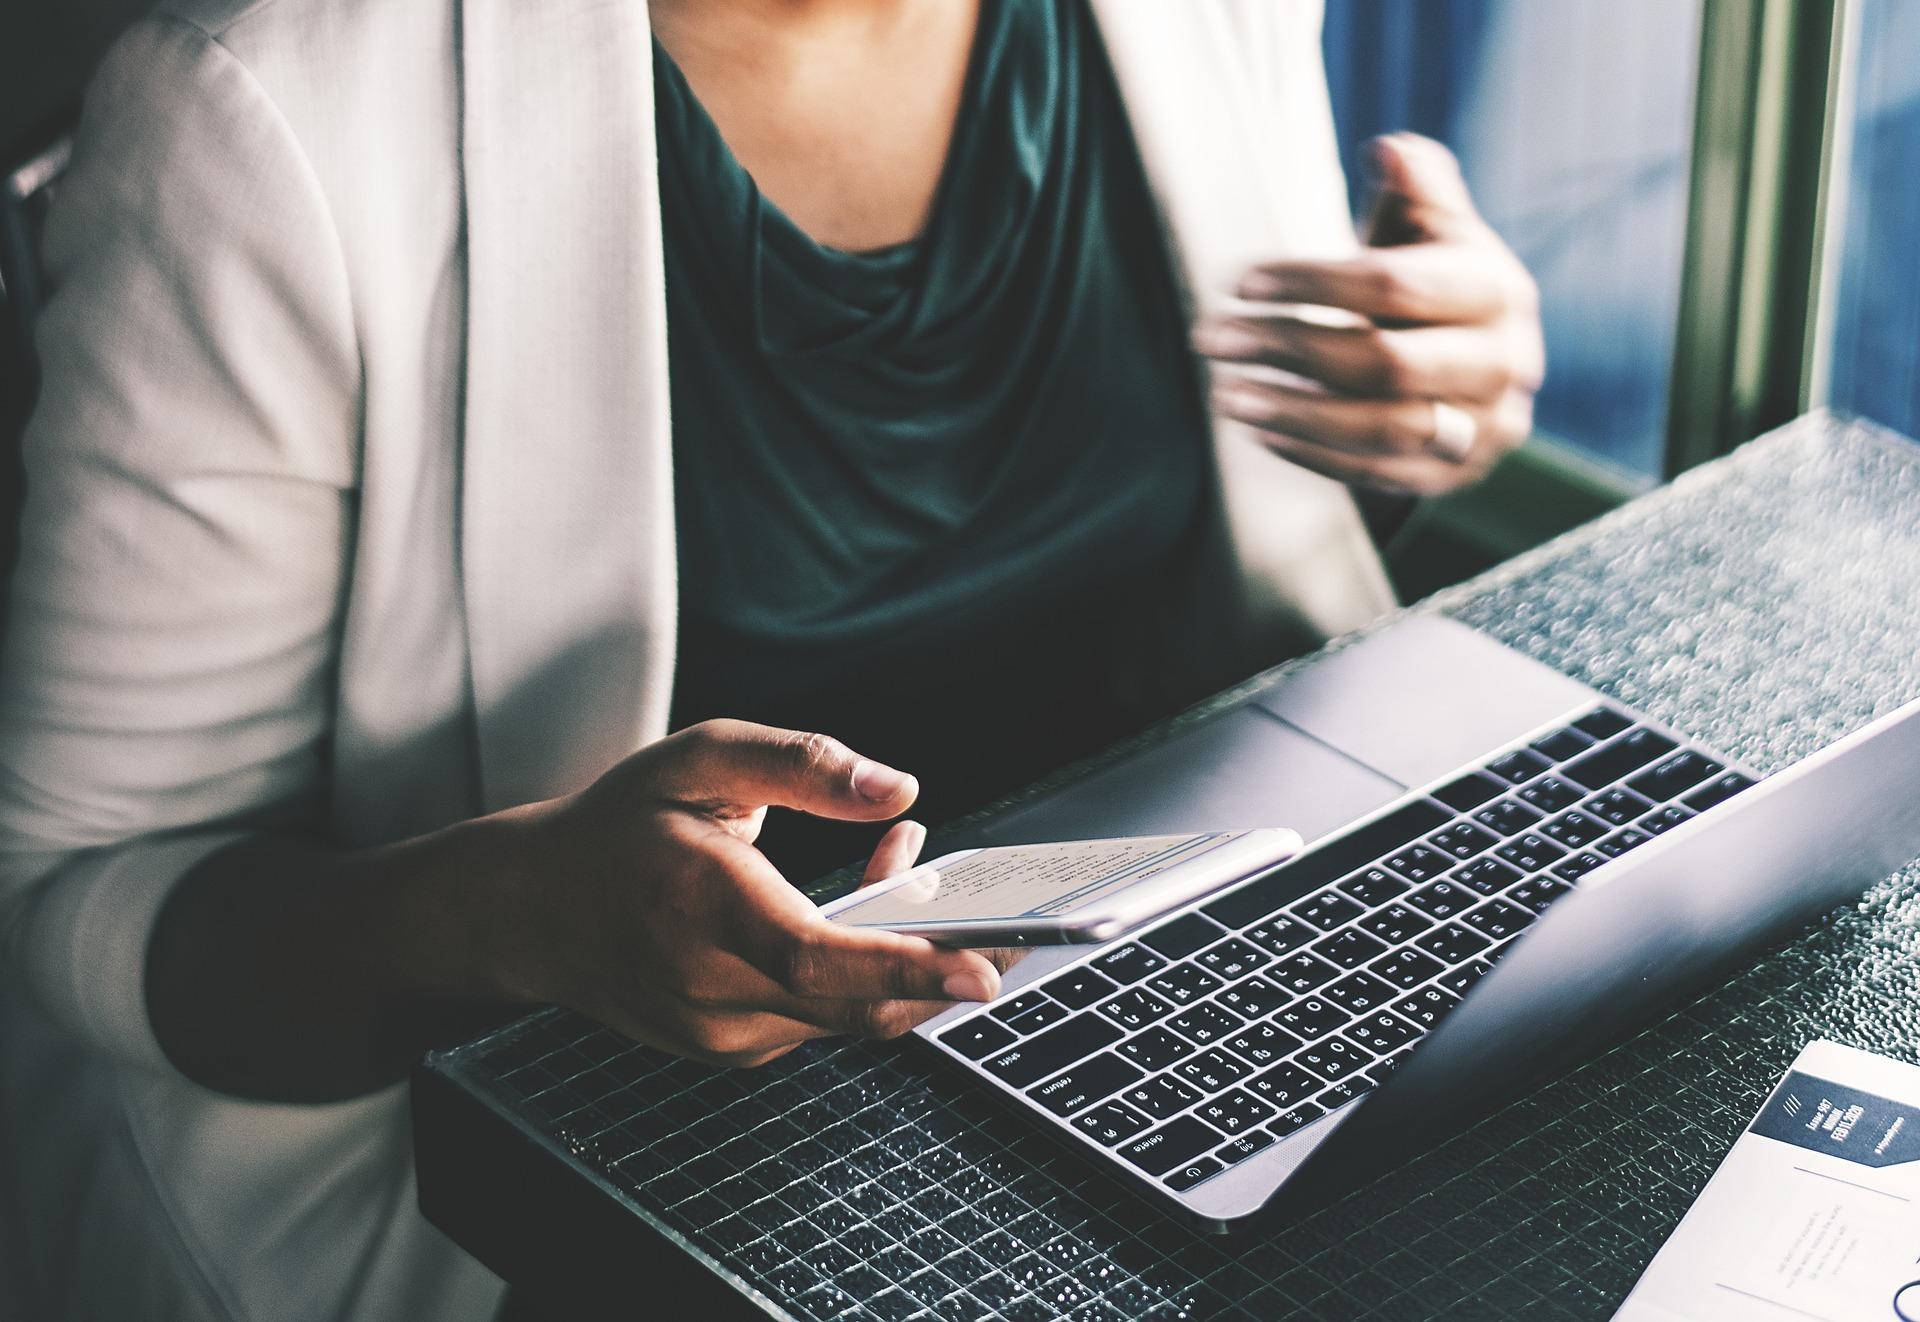 Bredband och IT-utveckling - kvinna laptop.jpg